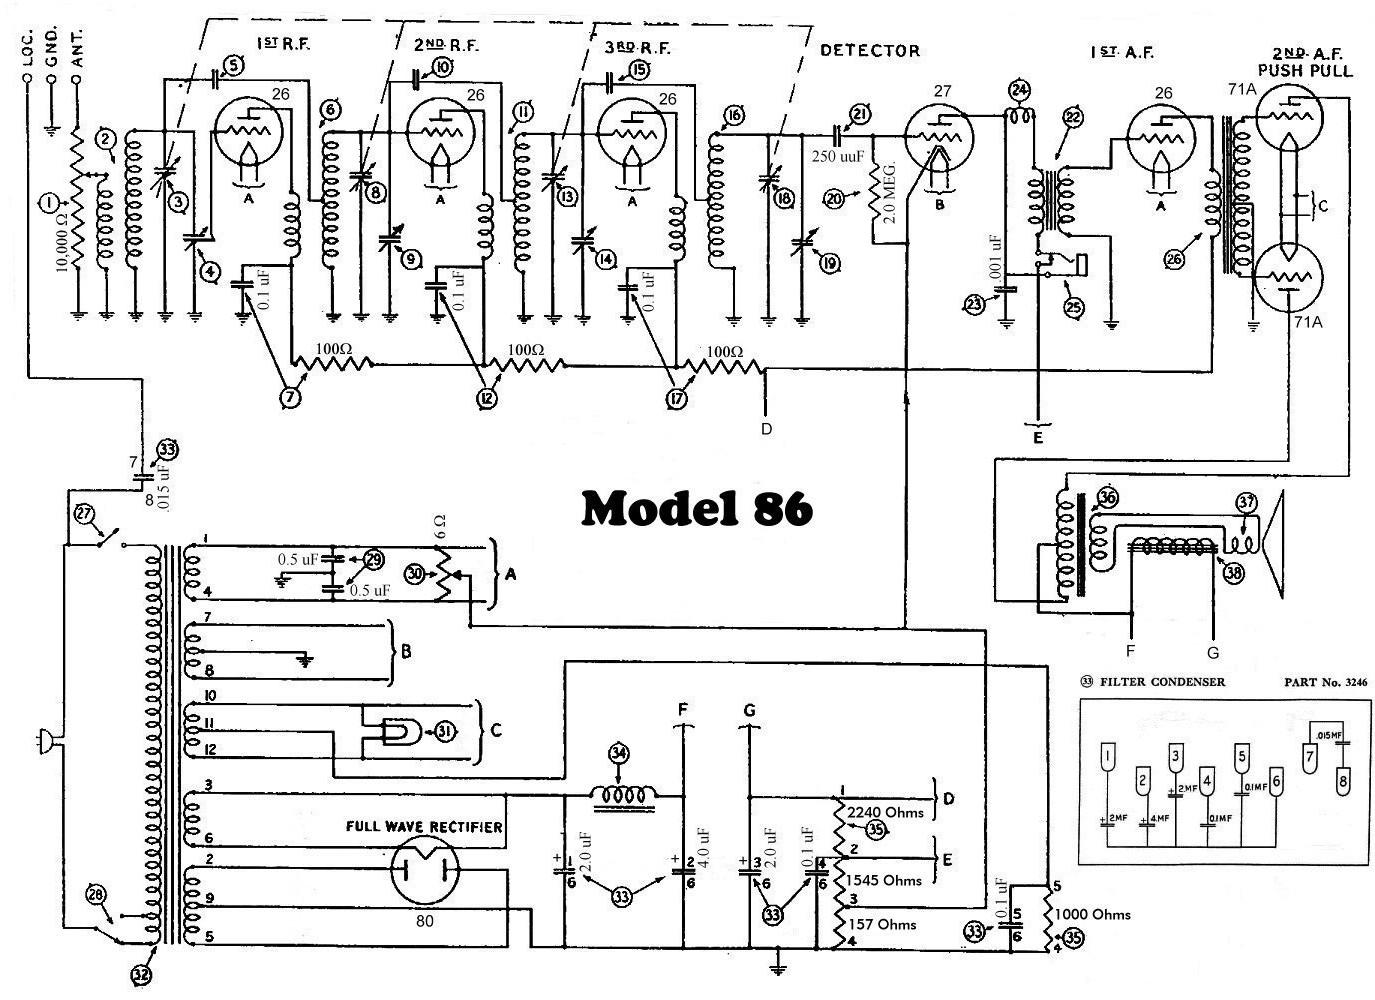 Wiring Diagram Philco